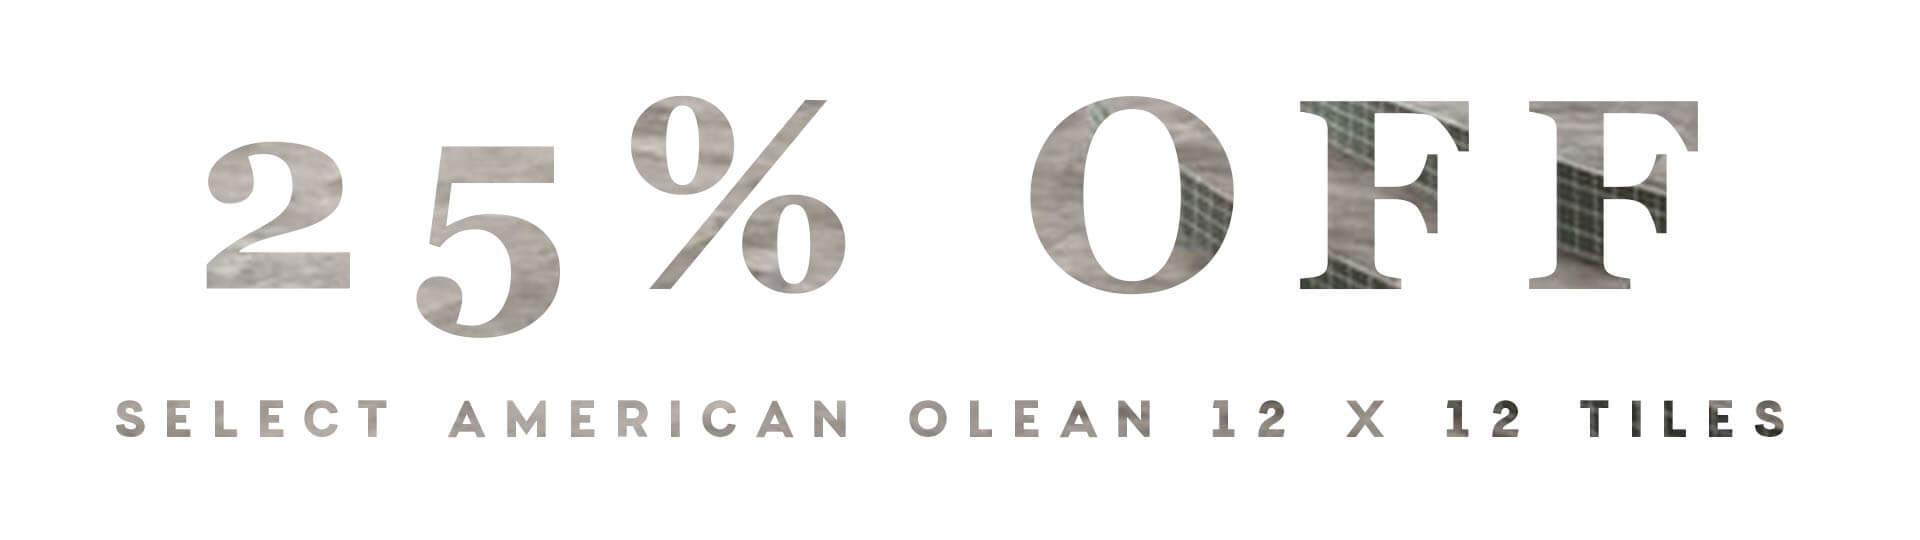 25%-off-american-olean-tile-sale-2018-D&S-flooring.jpg